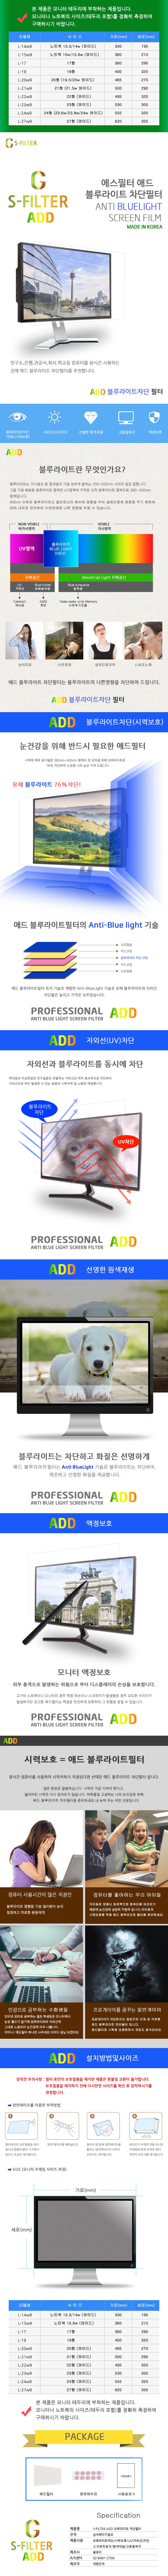 글로리 S-FILTER ADD L-20W9 블루라이트차단 모니터 시력보호 필름